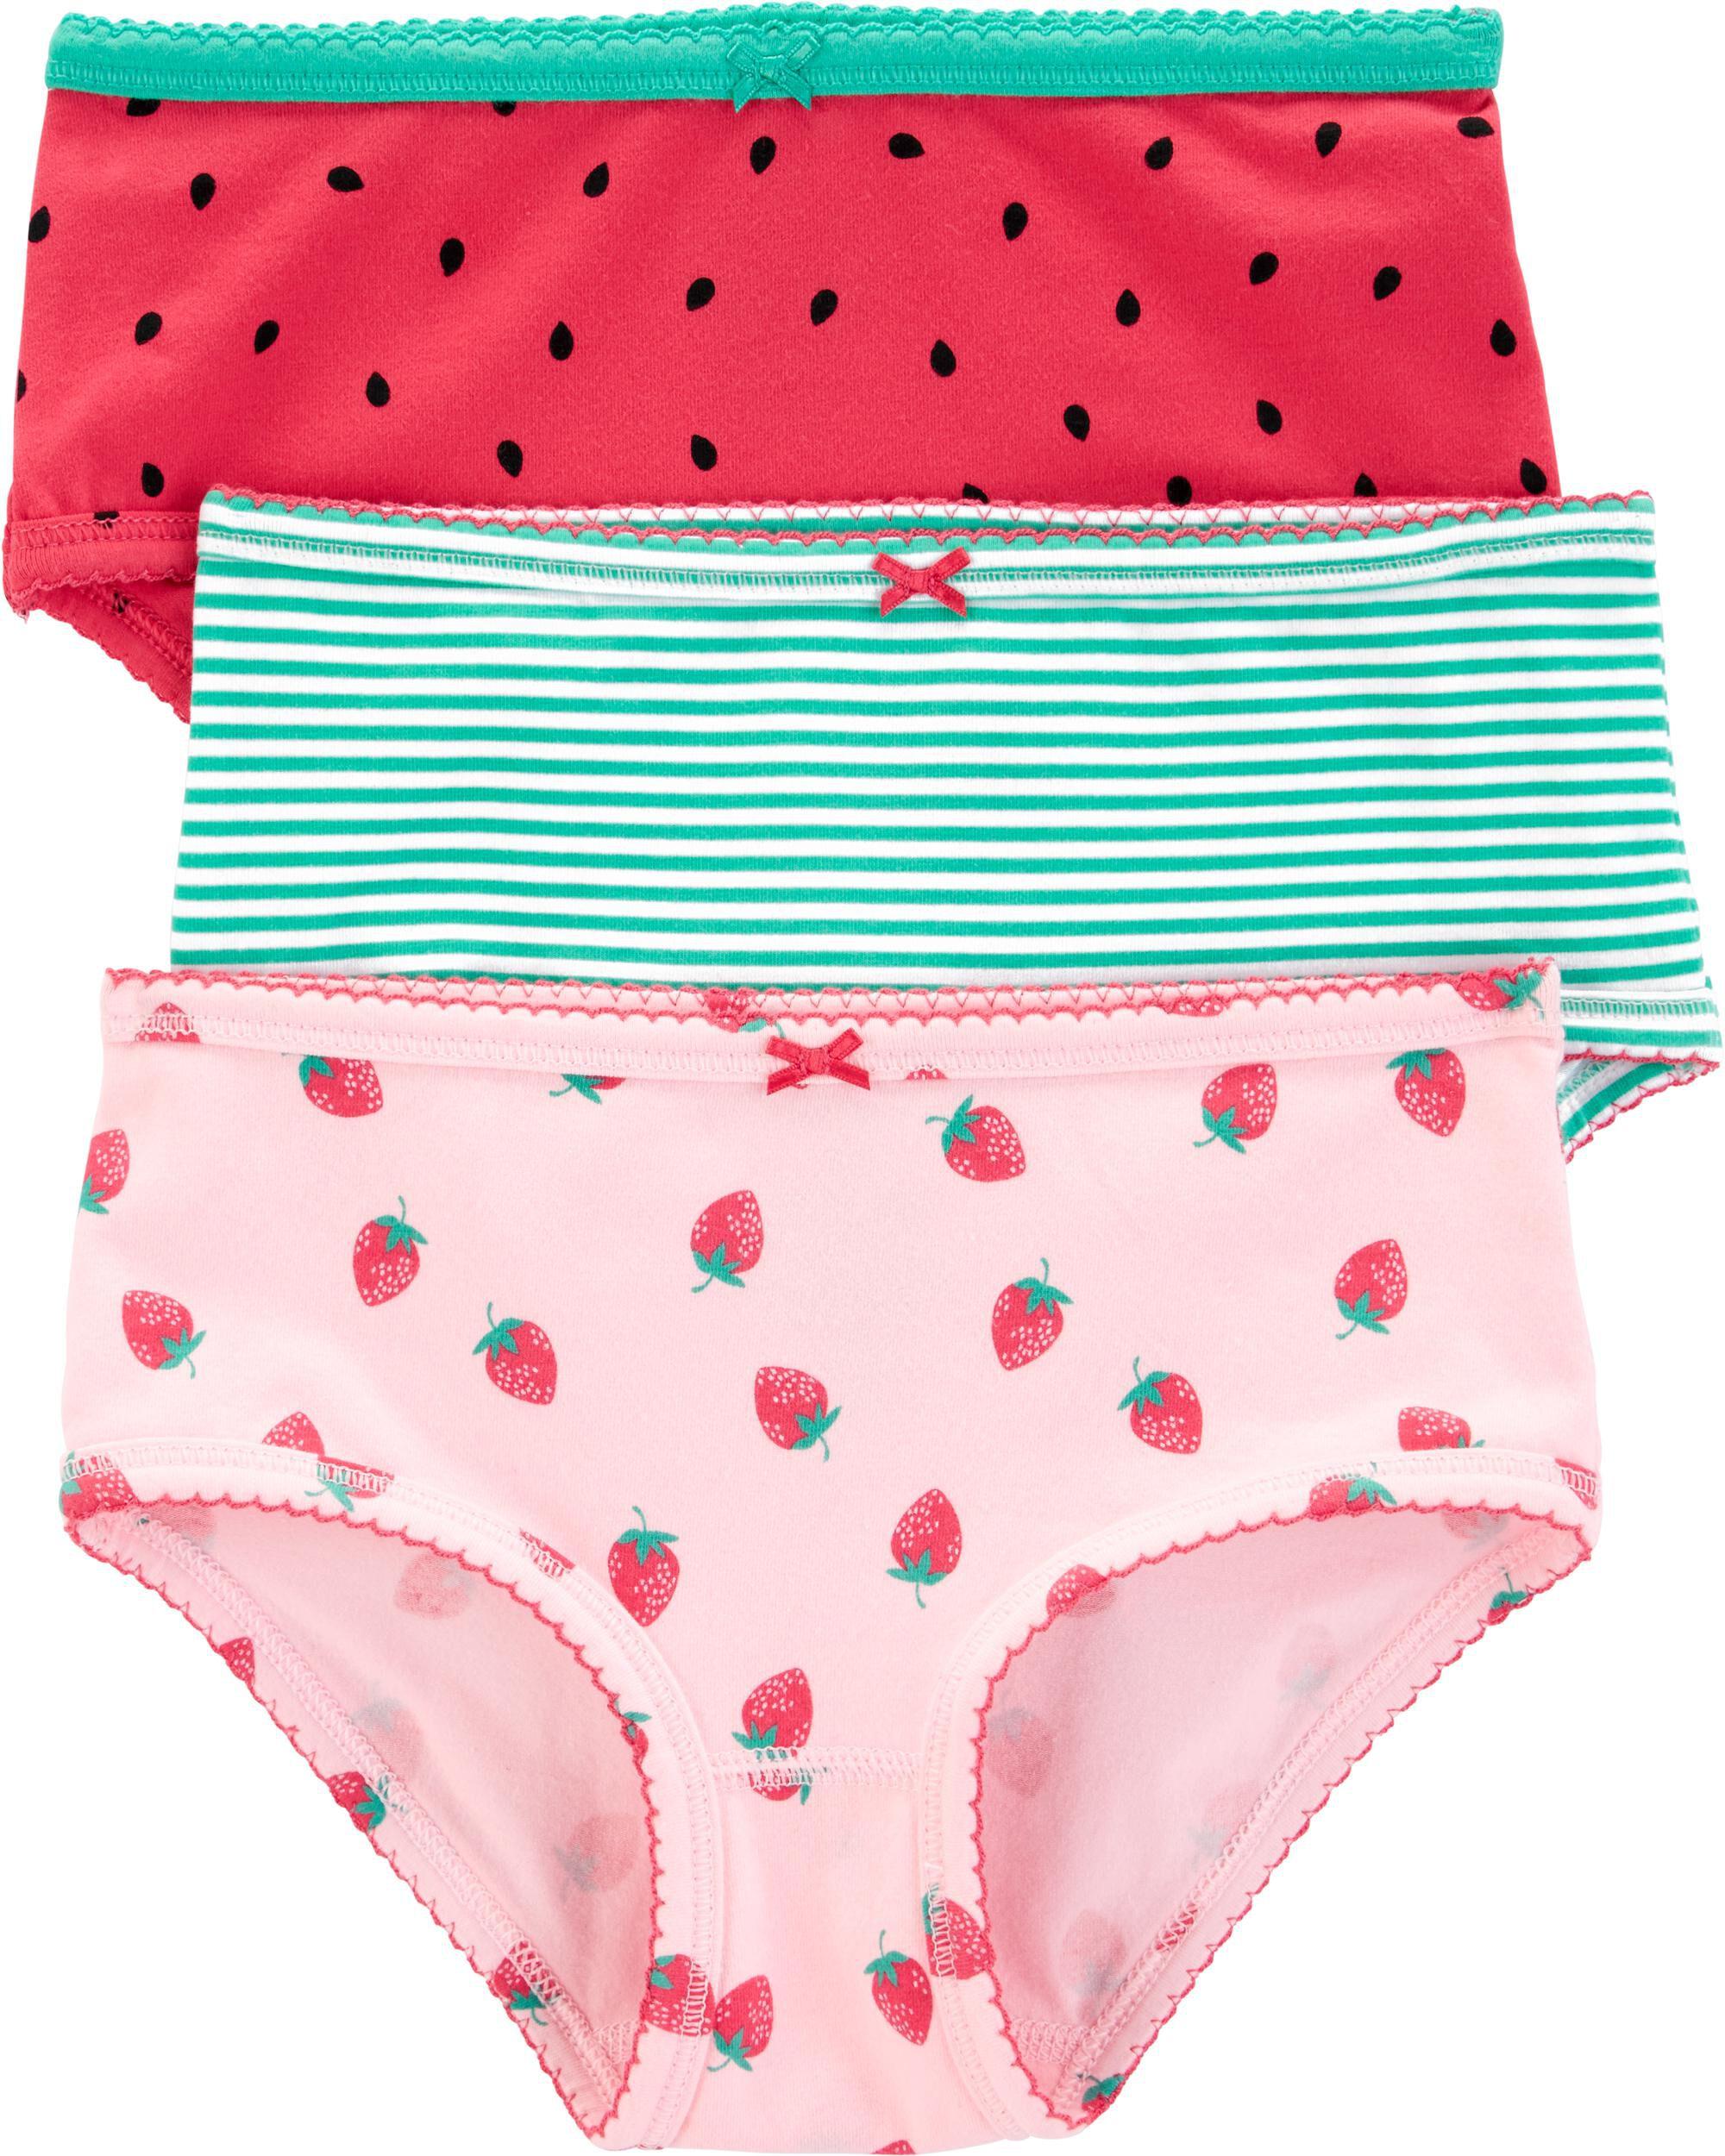 3-Pack Strawberry Stretch Cotton Undies